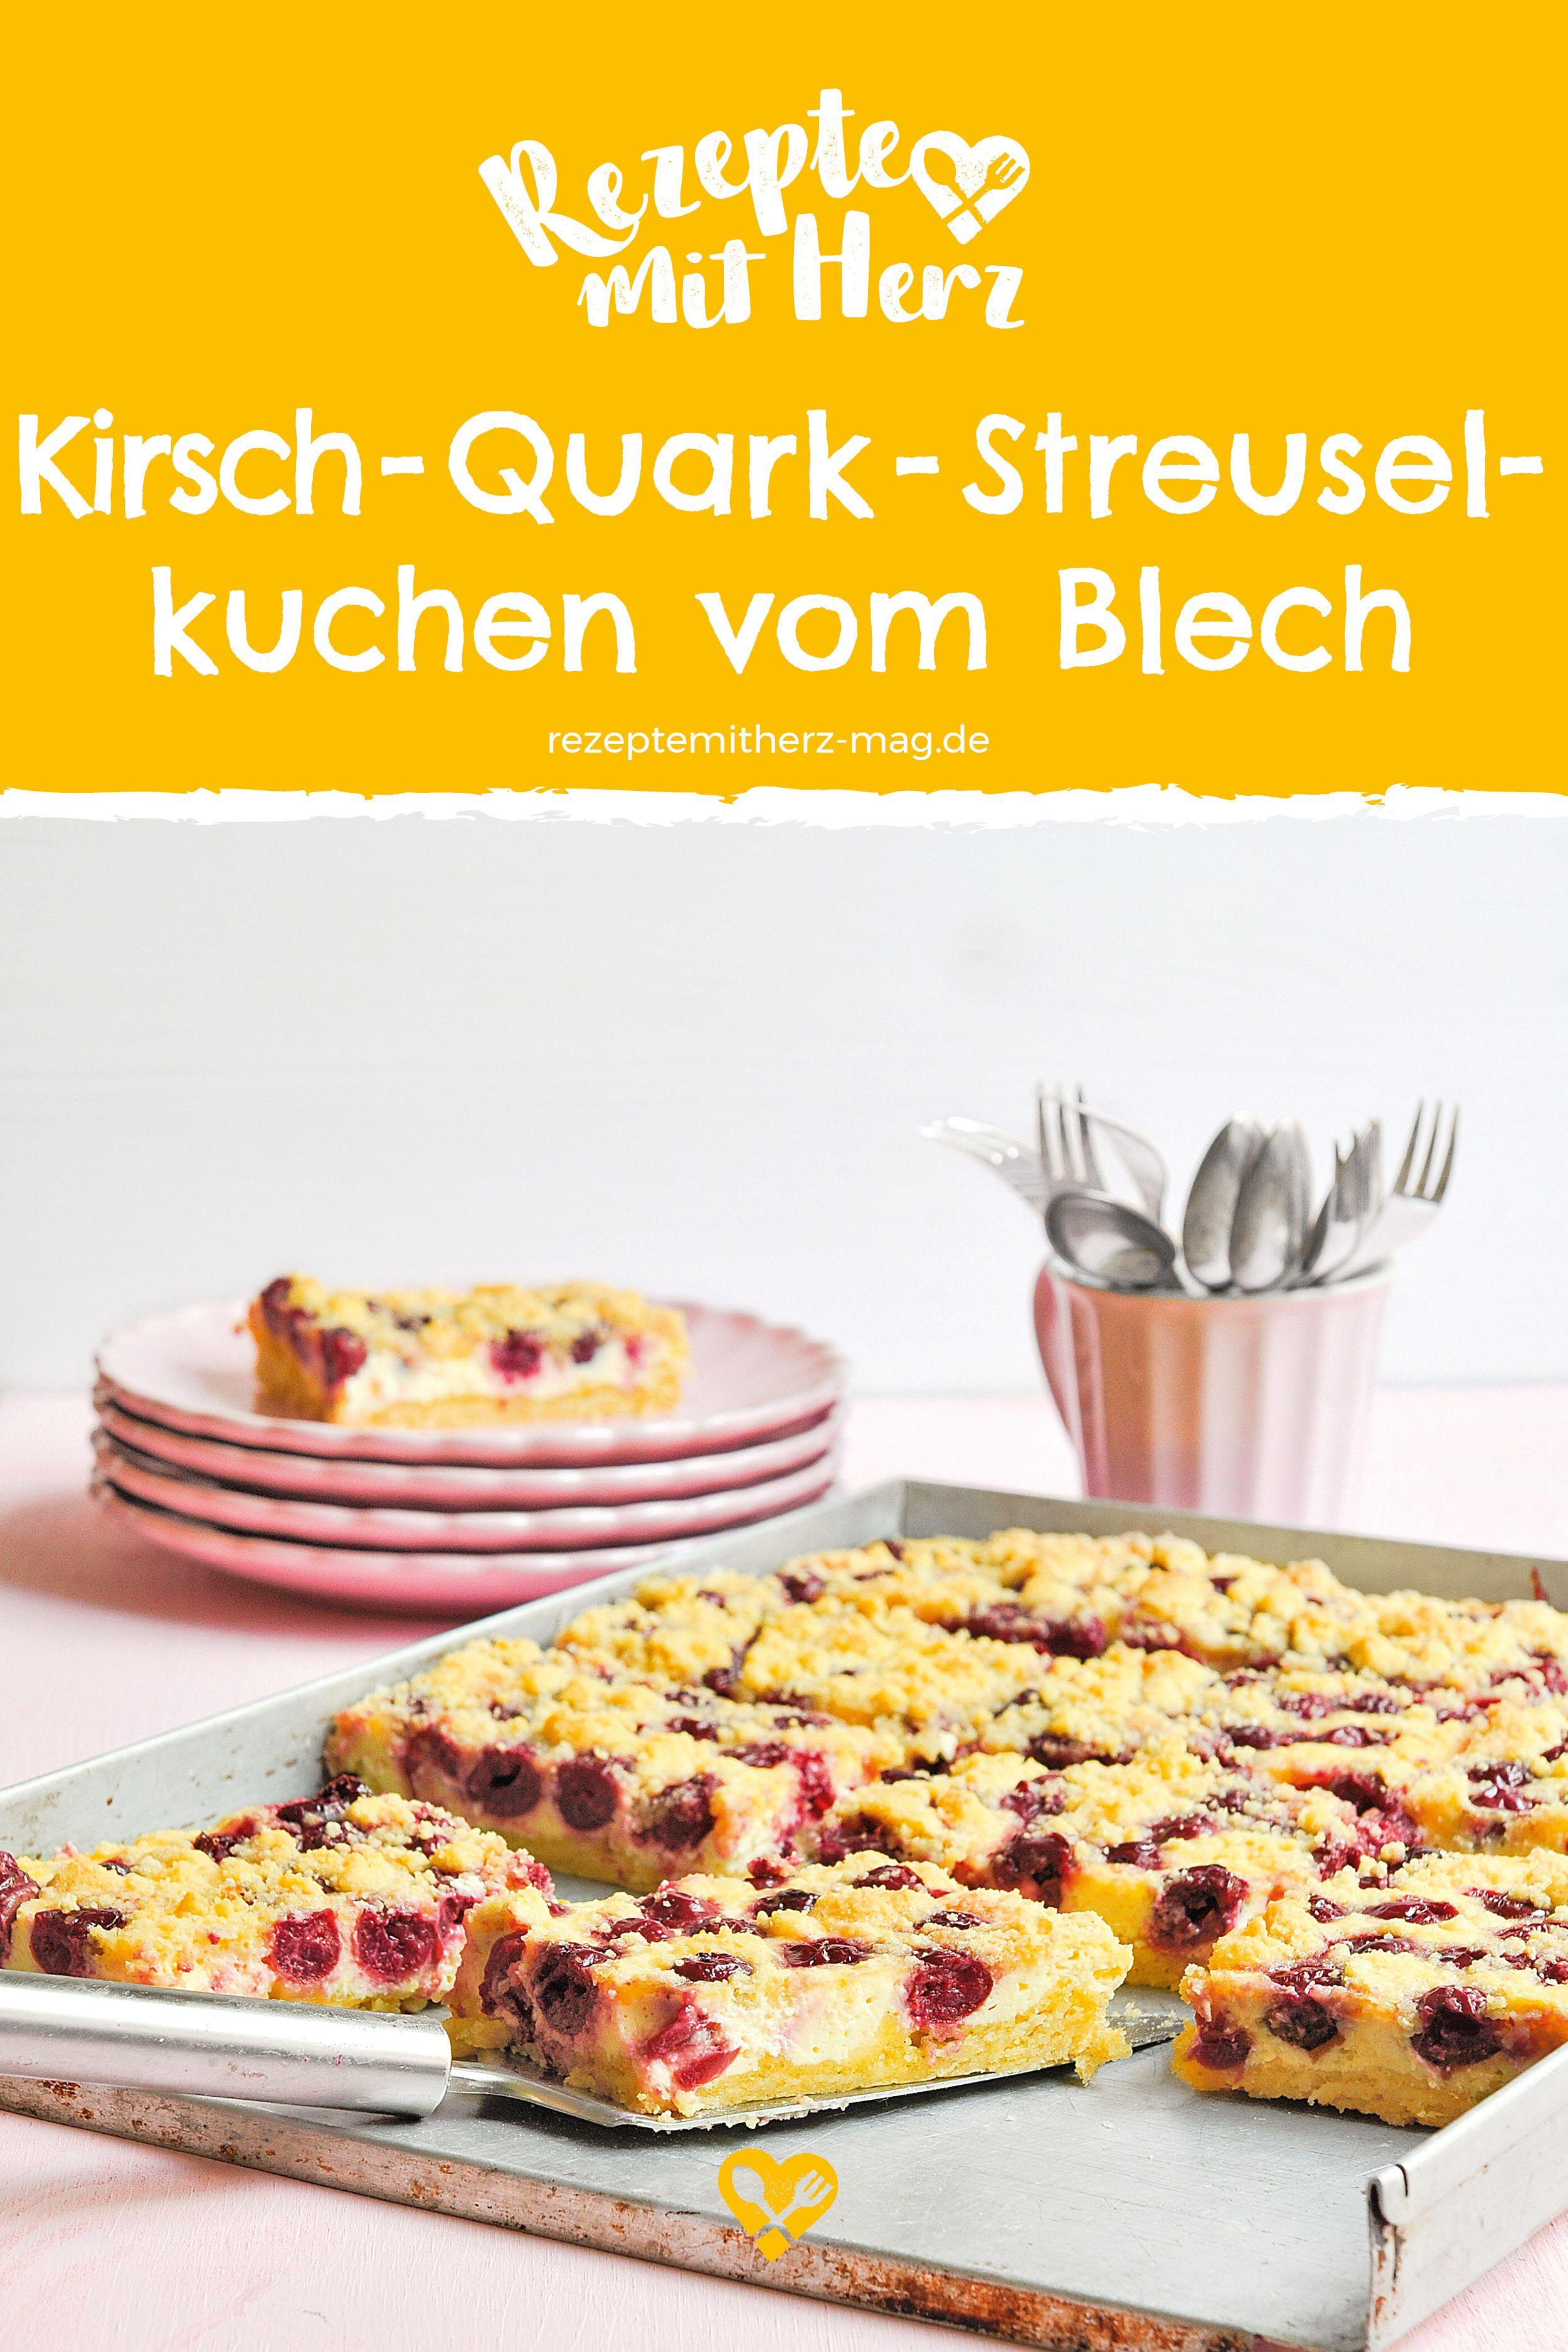 Kirsch Quark Streuselkuchen Vom Blech Blechkuchen Sind Einfach Und